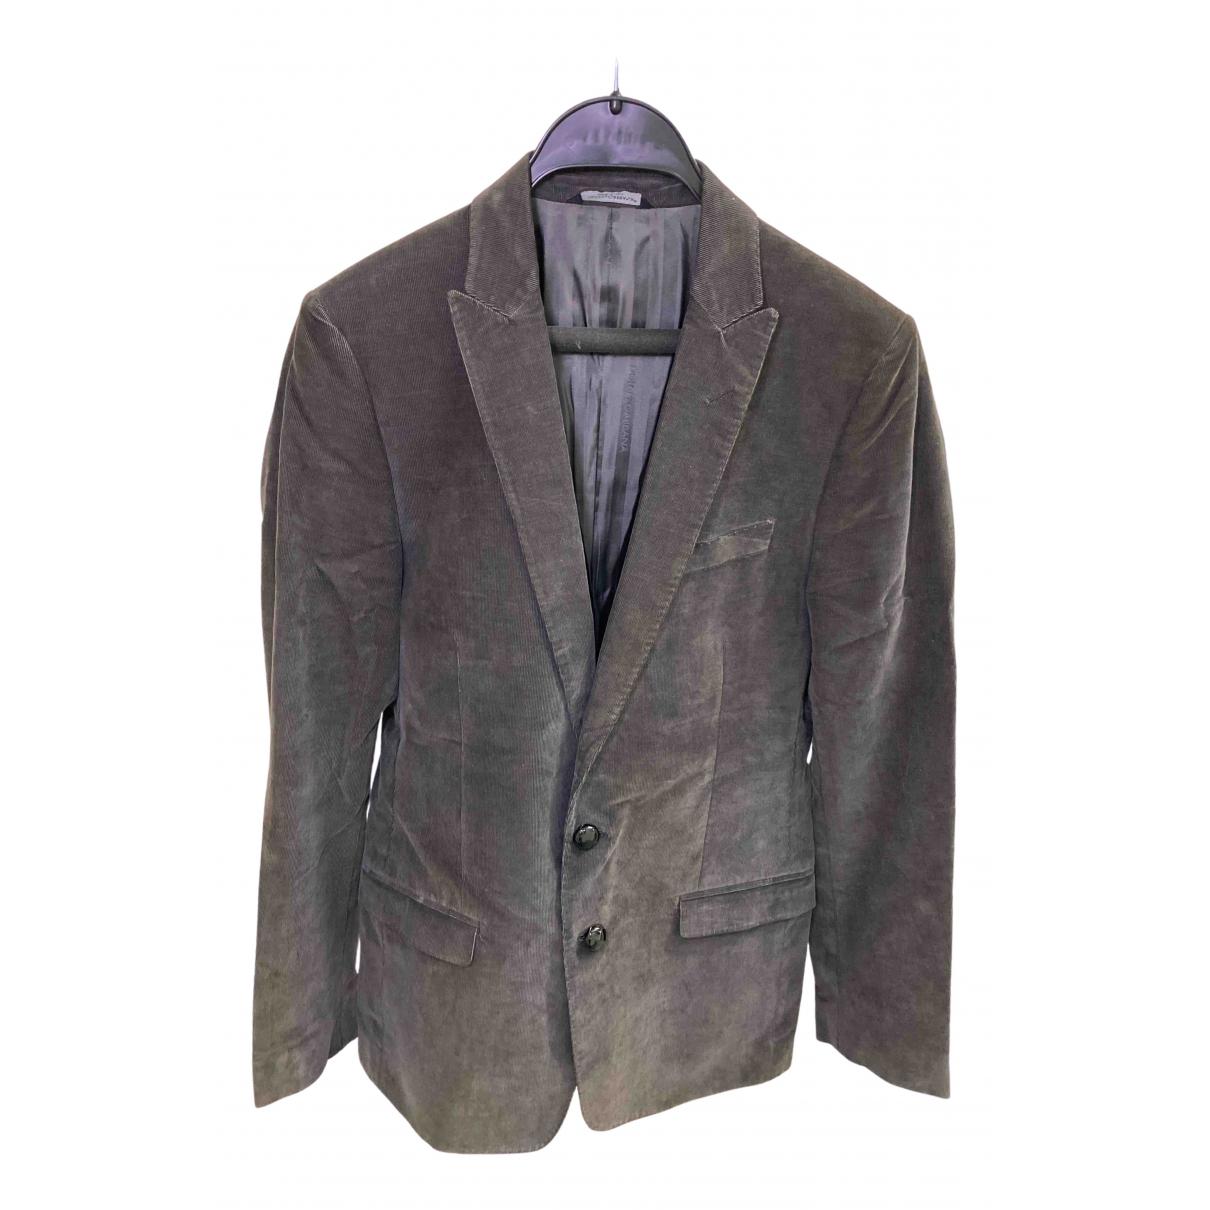 Dolce & Gabbana - Vestes.Blousons   pour homme en coton - marron